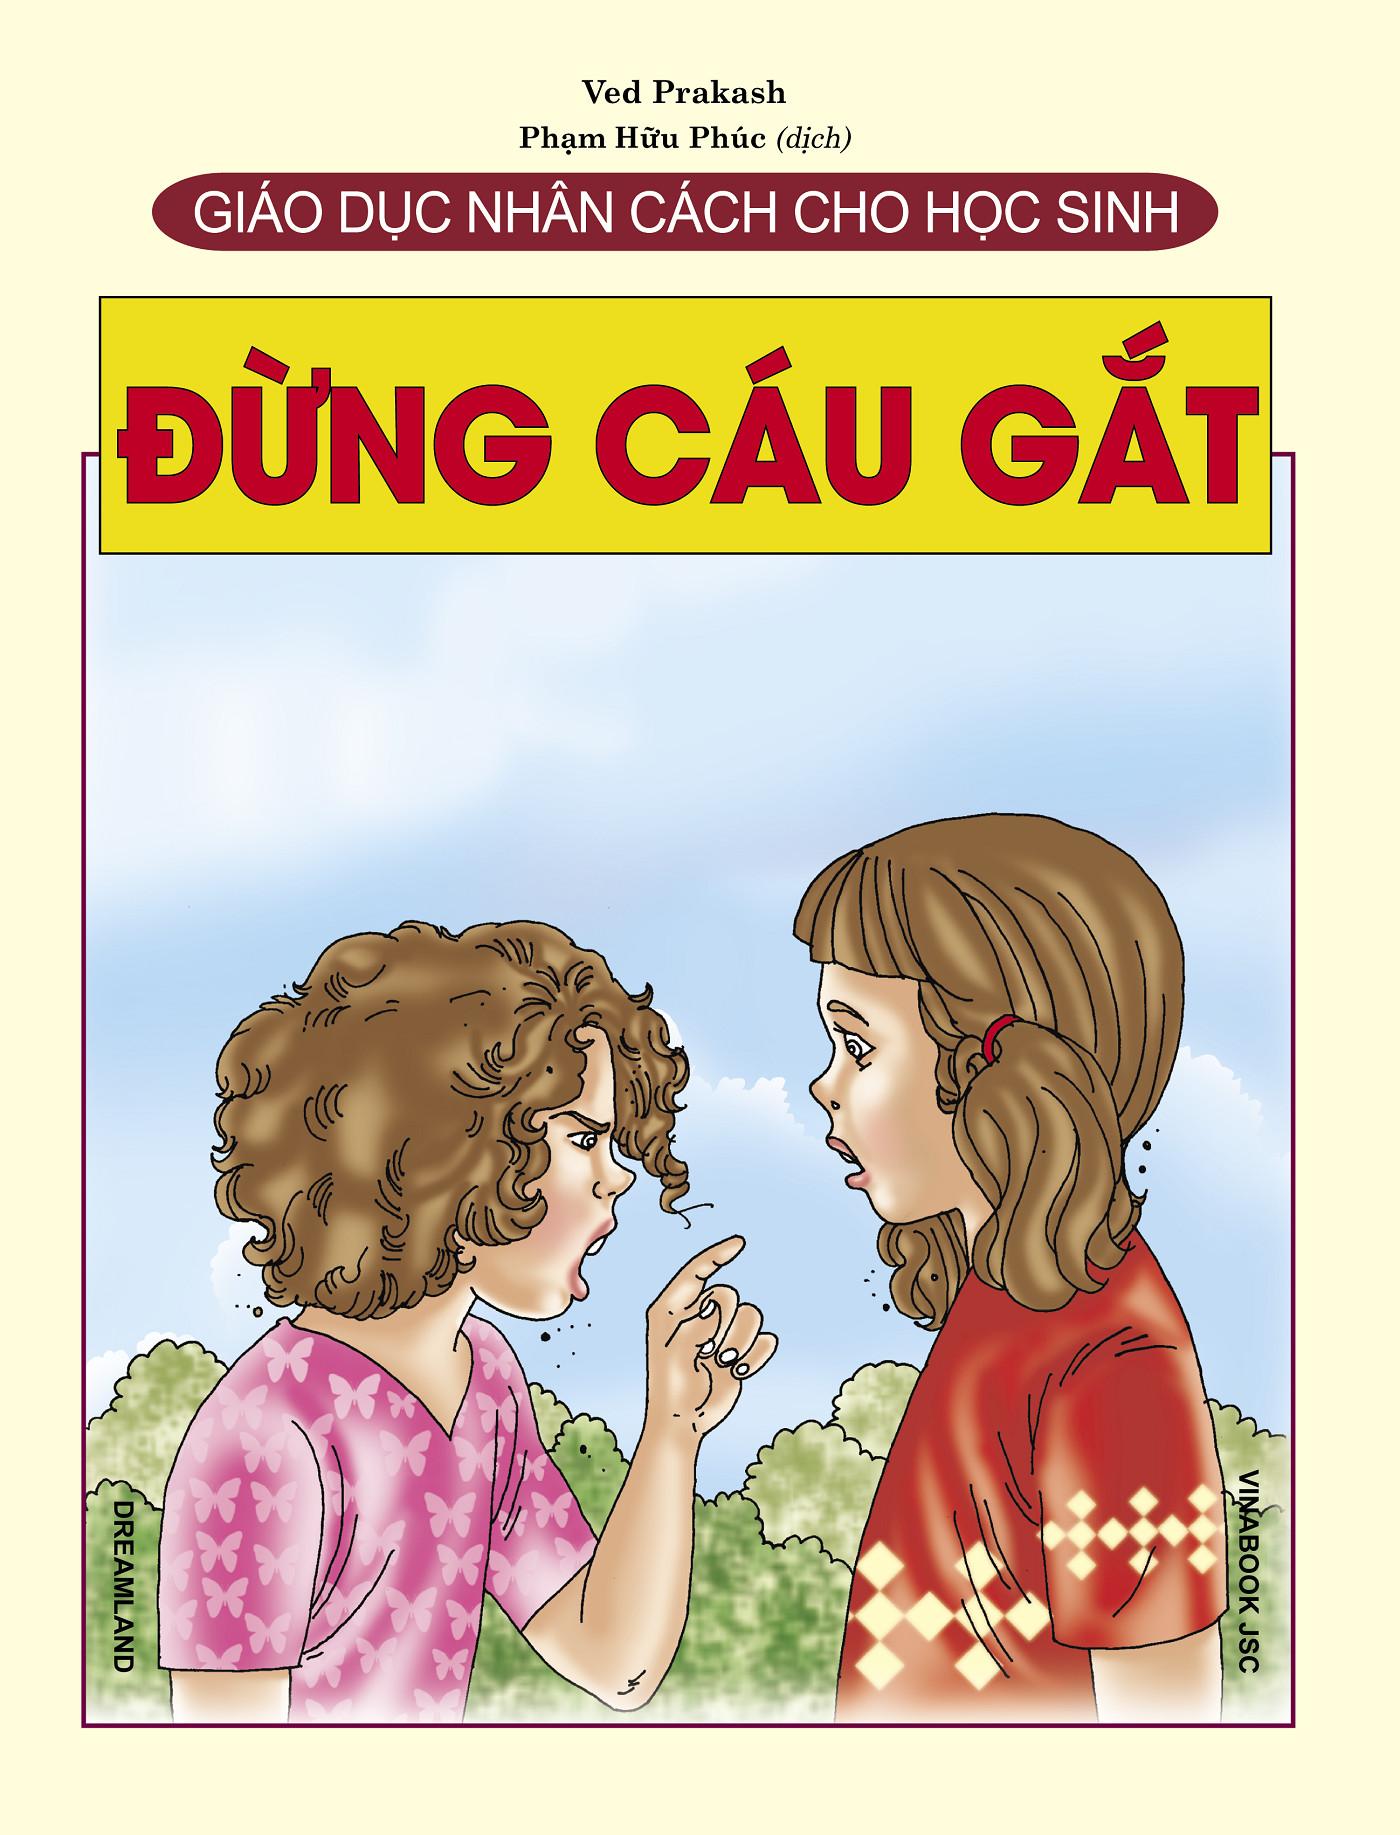 Combo Sách Giáo Dục Nhân Cách Cho Học Sinh (3 cuốn): Đừng Cáu Gắt + Đừng Trêu Chọc + Đừng Ganh Tị